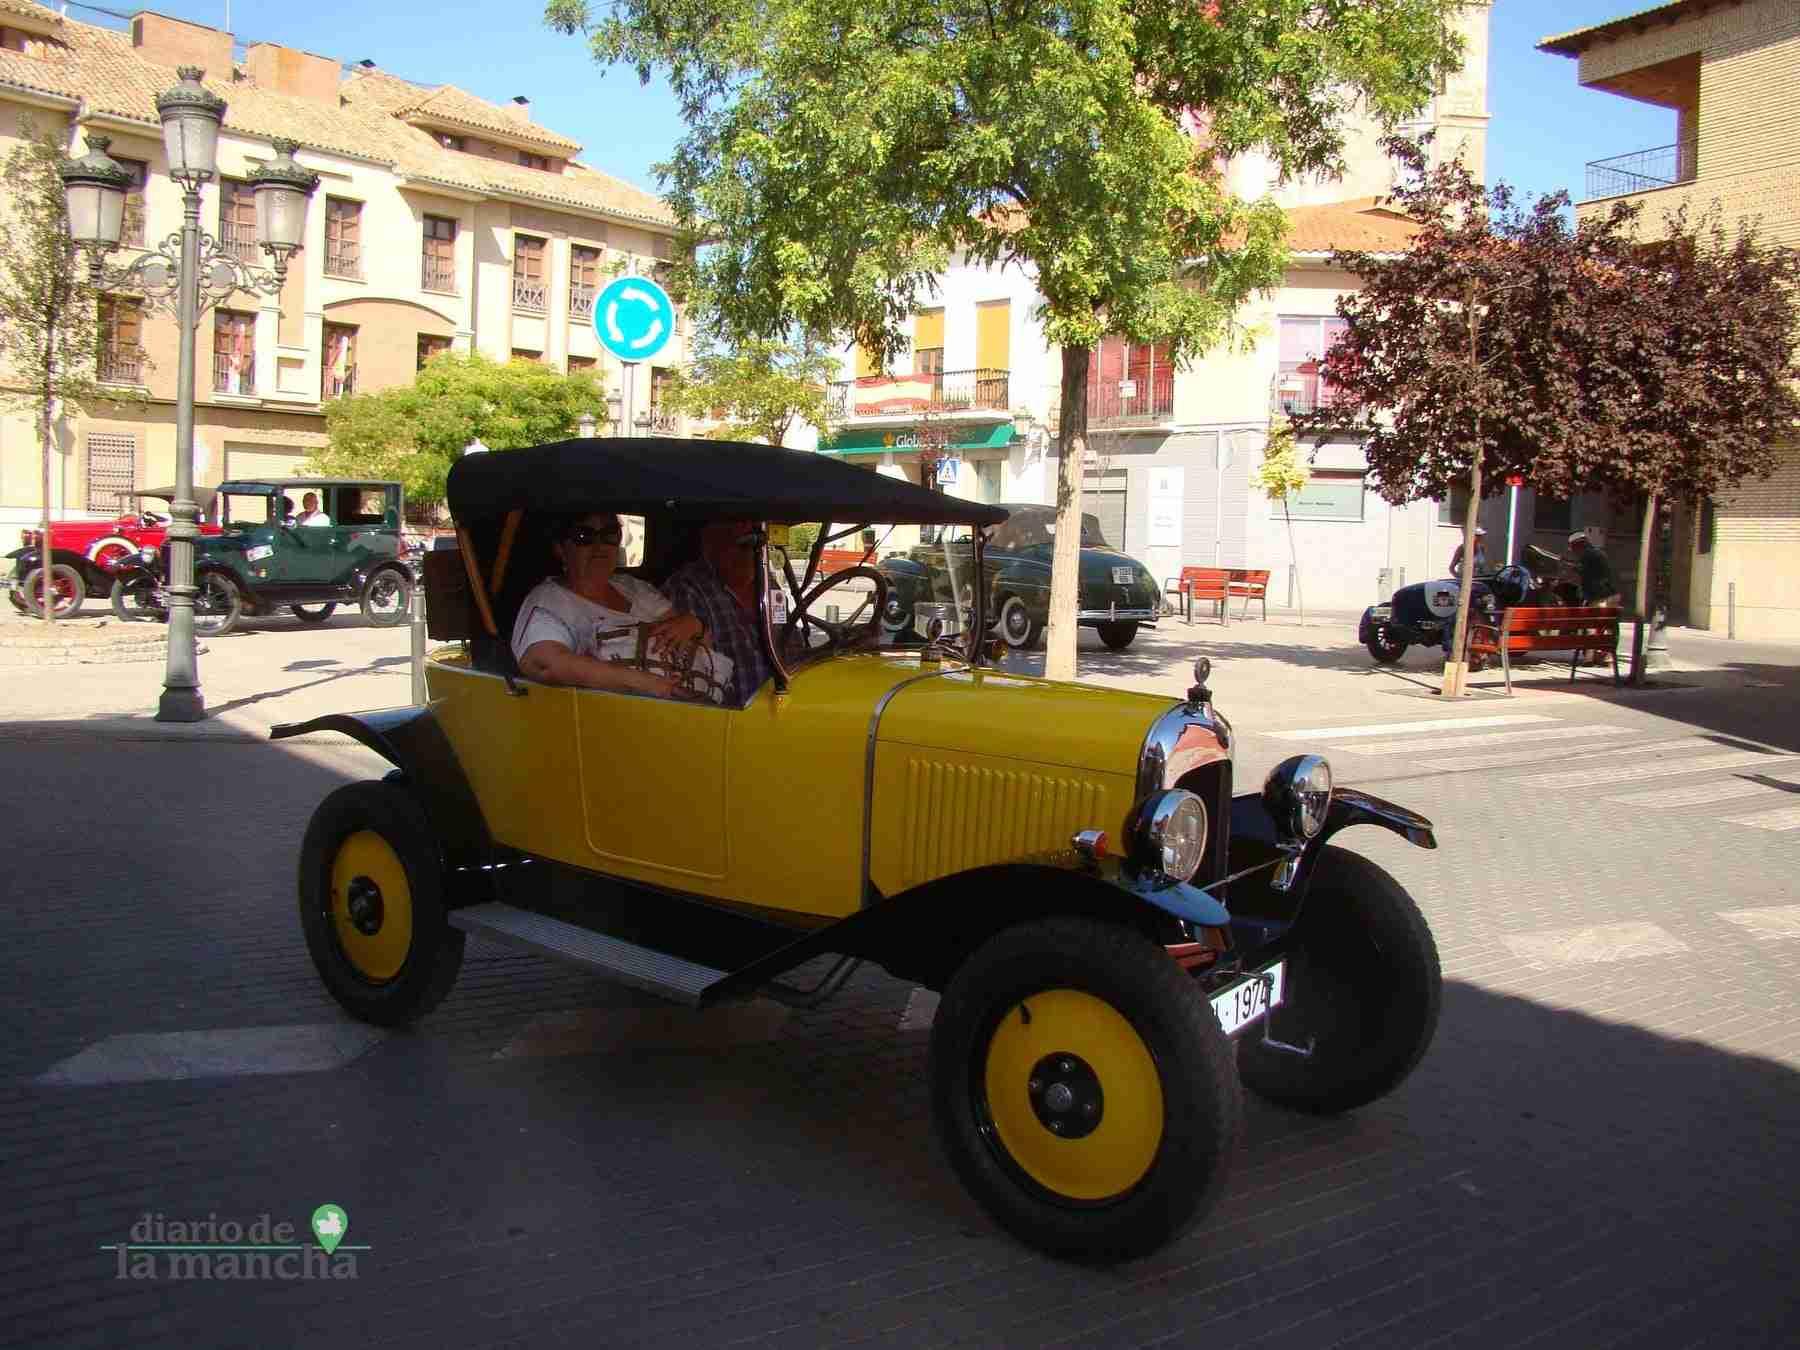 Clásicos a motor recorren Quintanar y su comarca durante este fin de semana 44